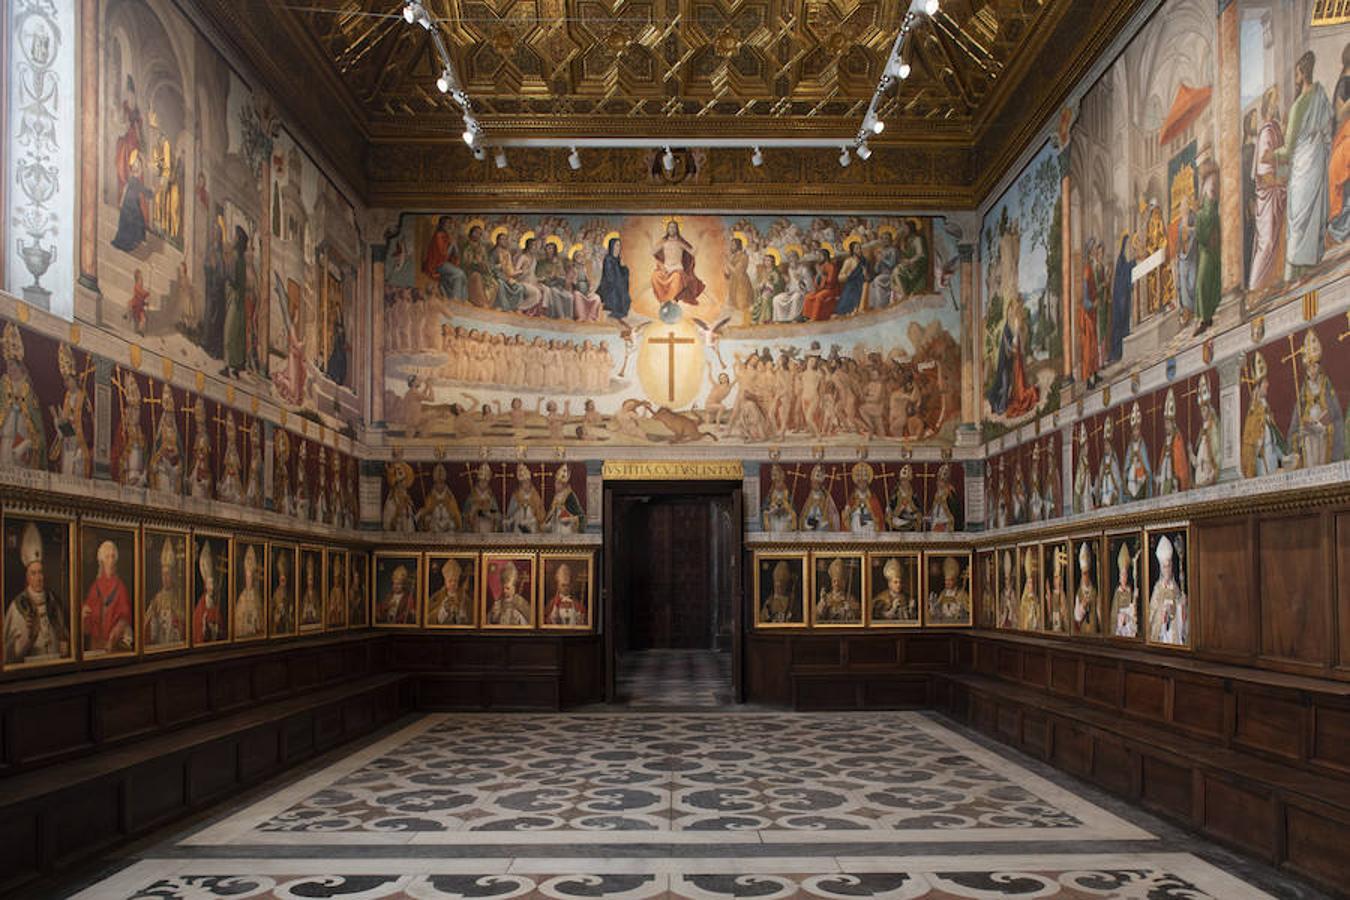 Vista general de la Sala Capitular de la Catedral de Toledo